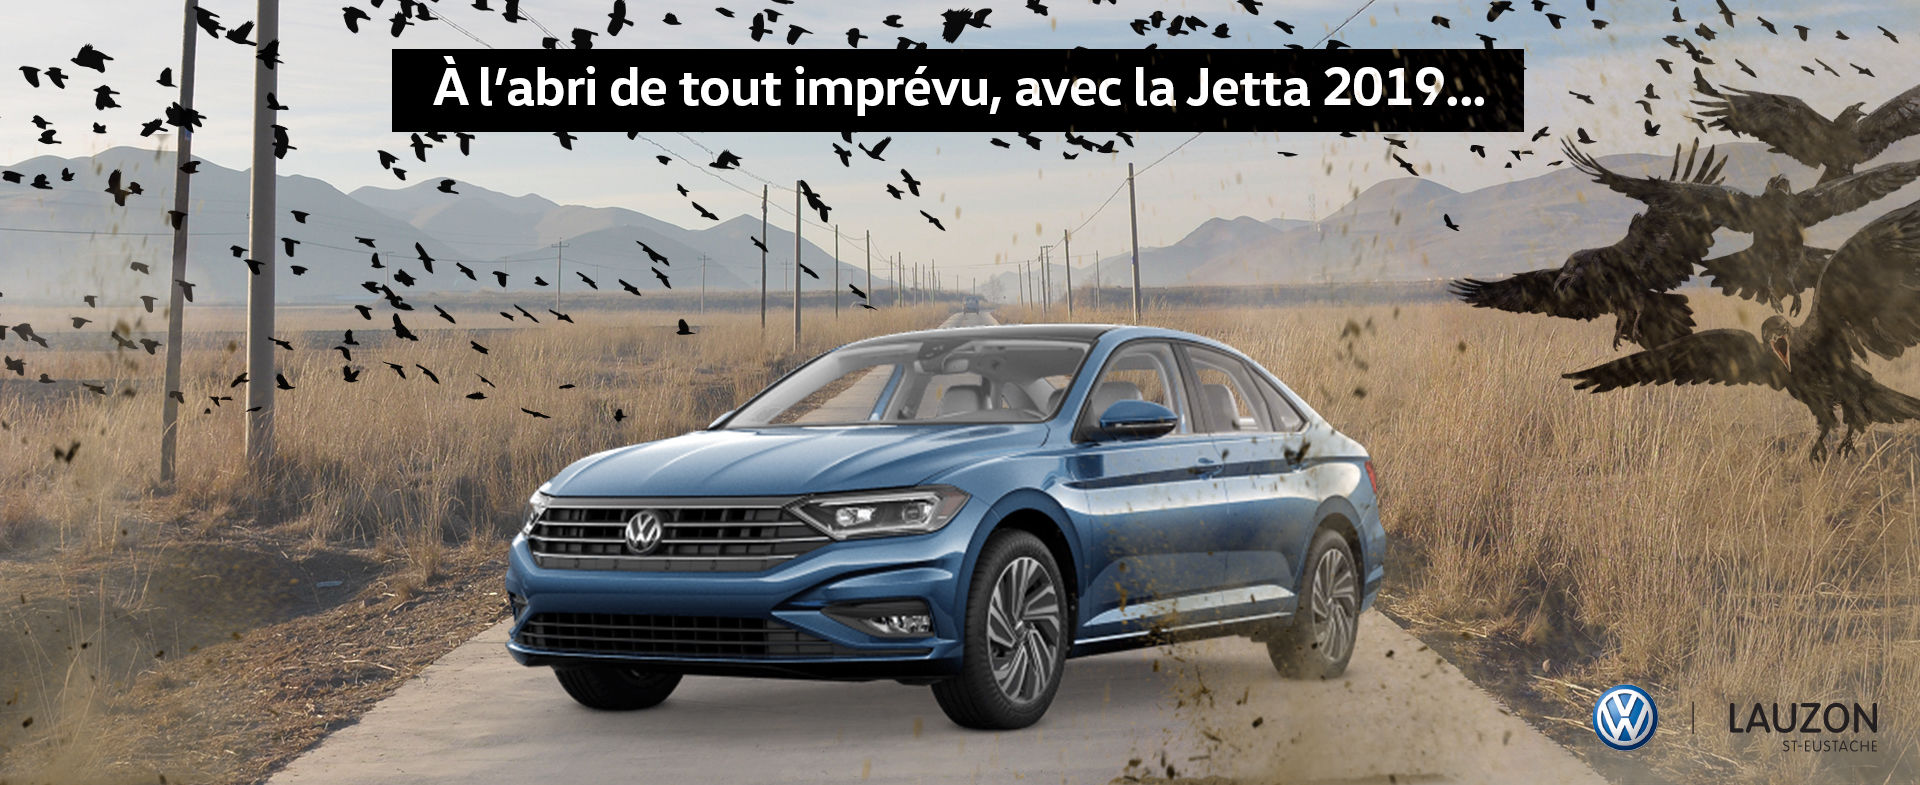 Jetta 2019